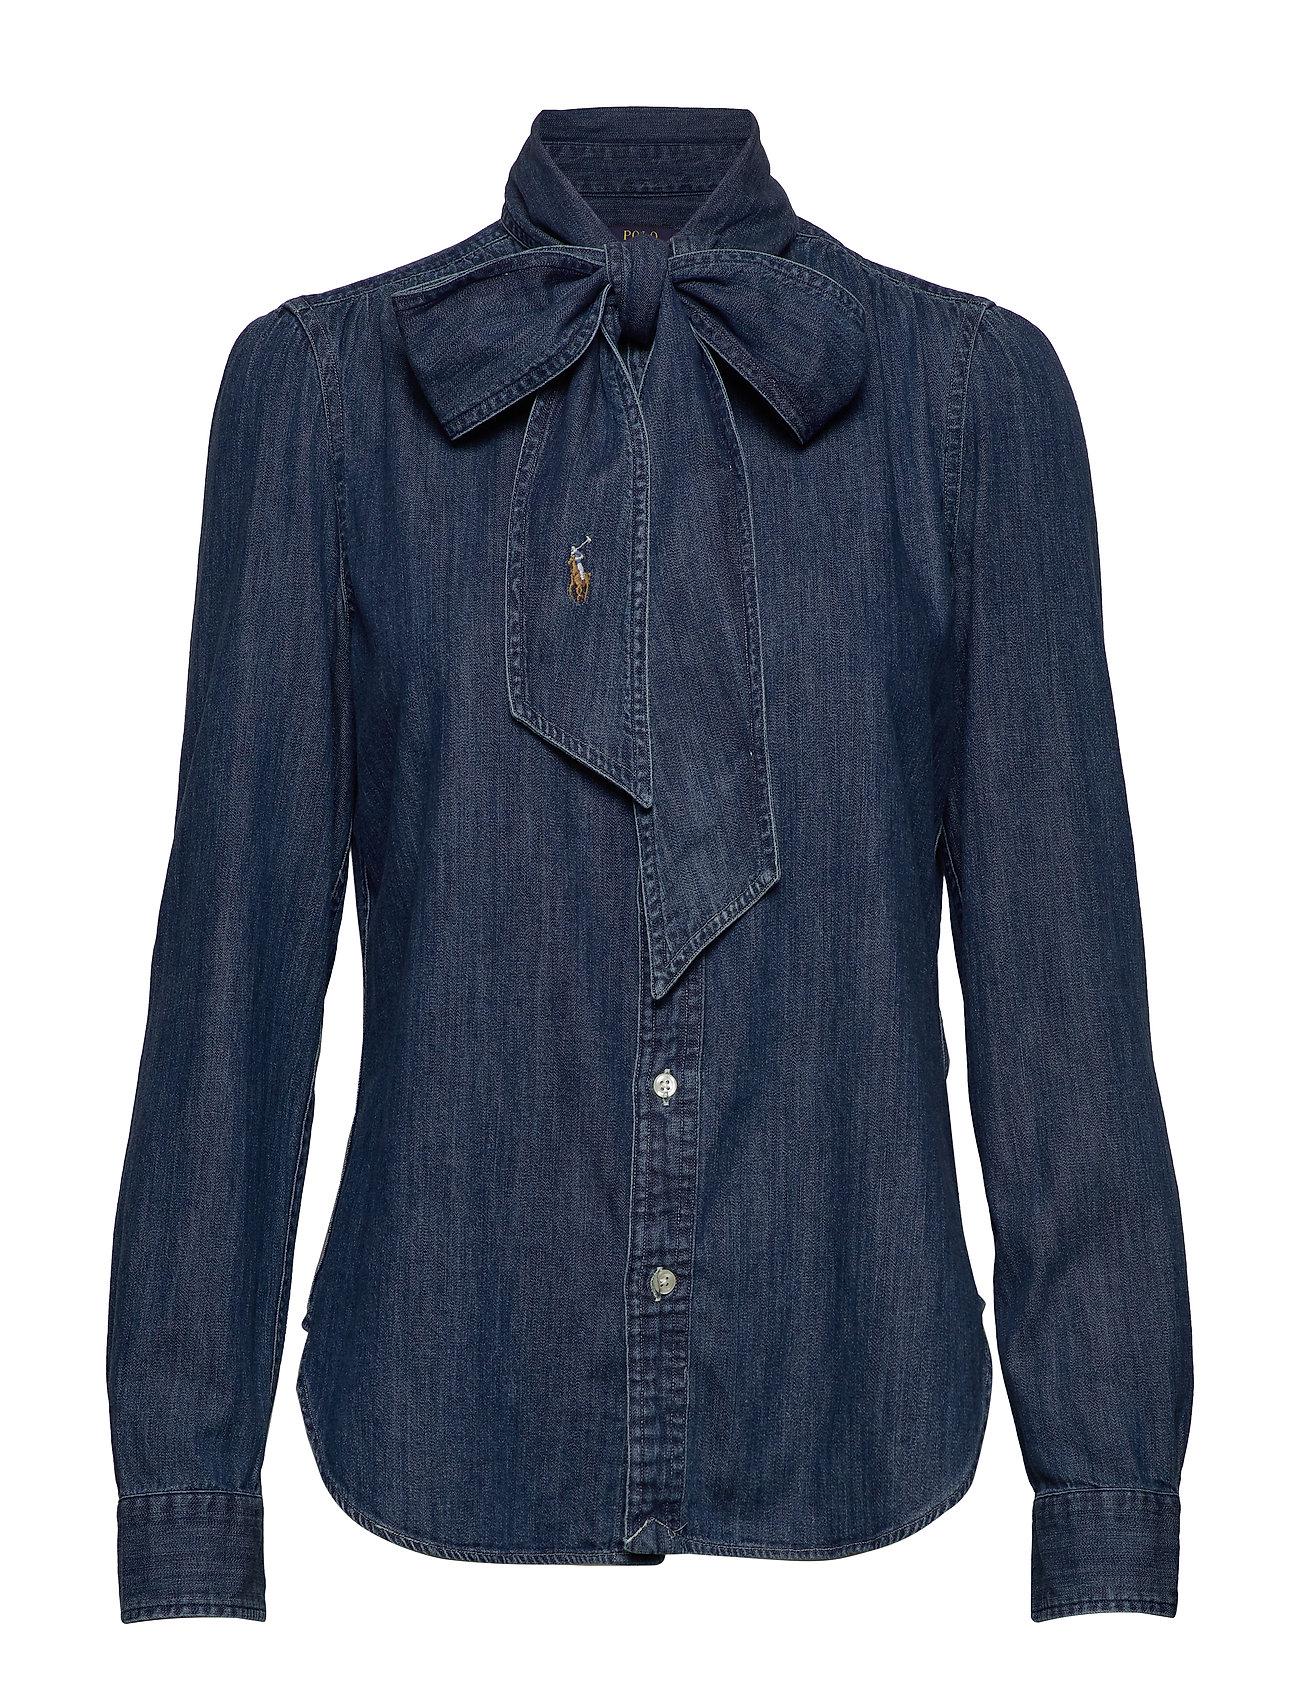 Polo Ralph Lauren Necktie Denim Shirt - BSR MEDIUM INDIGO